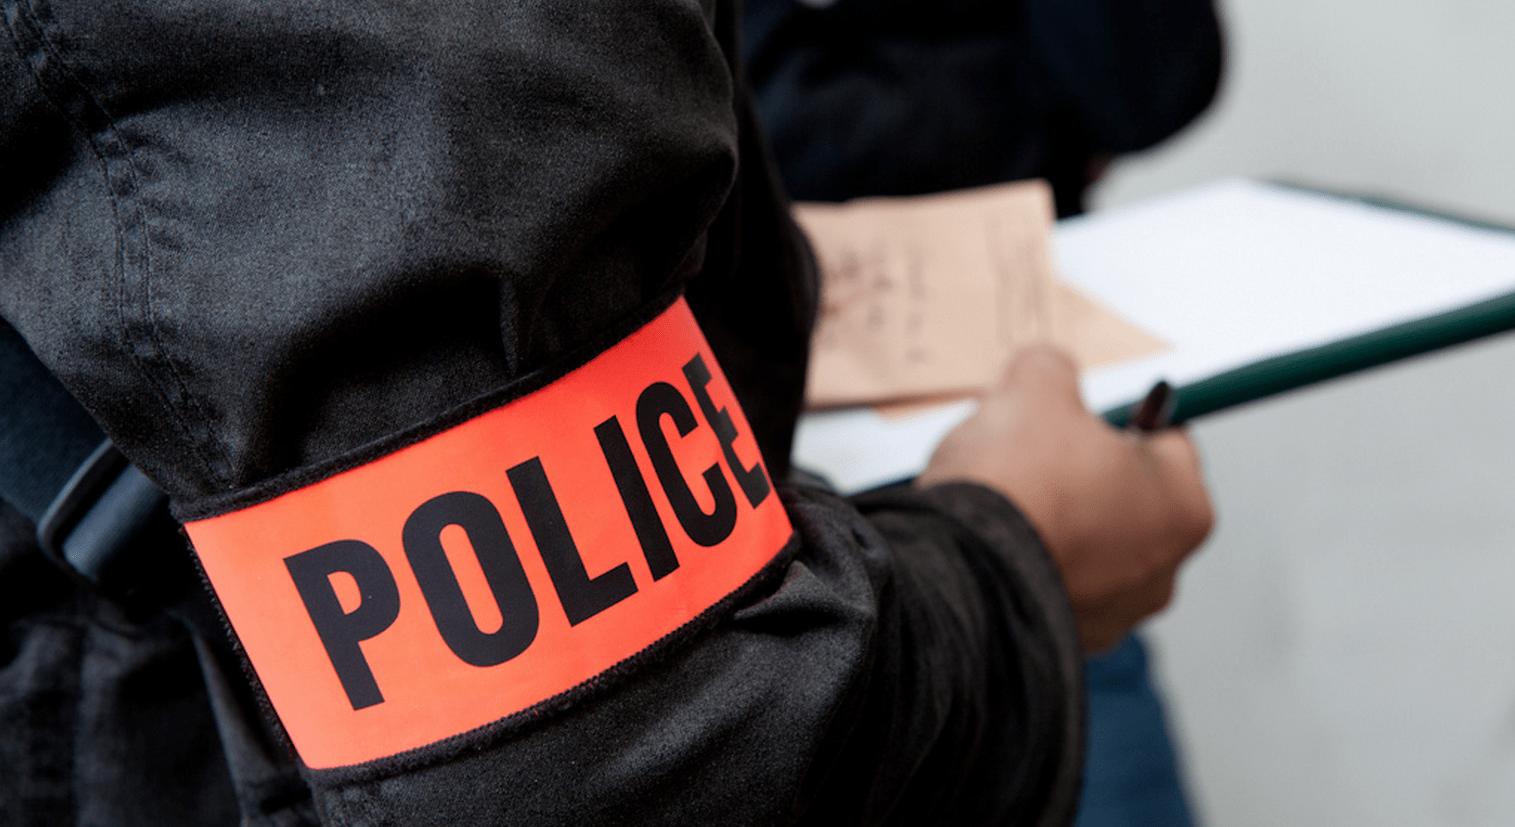 Les enquêteurs du groupe judiciaire de voie publique ont été recueilli 175 plaintes de victimes. Ils en attendent d'autres (Illustration)